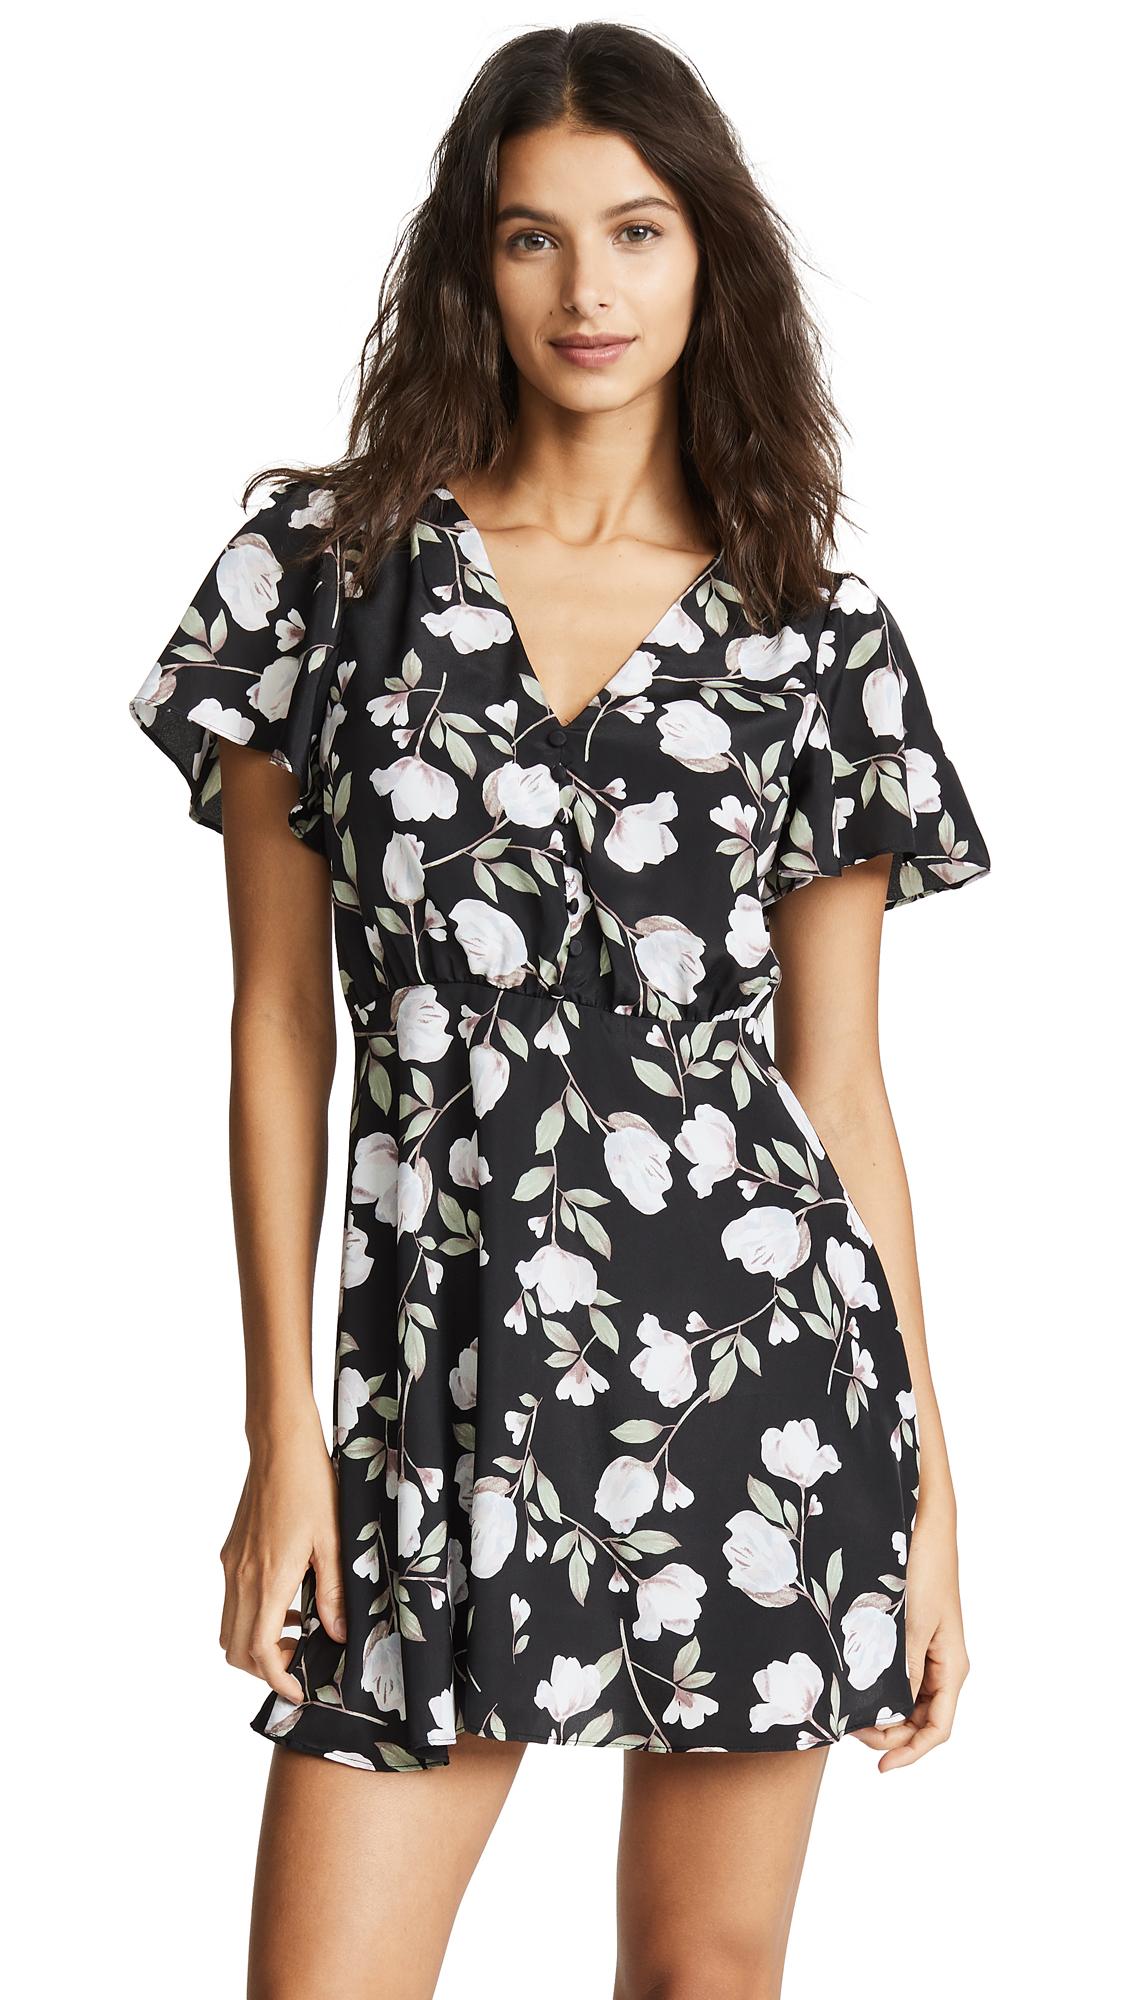 J.O.A. Black Floral Wrap Dress